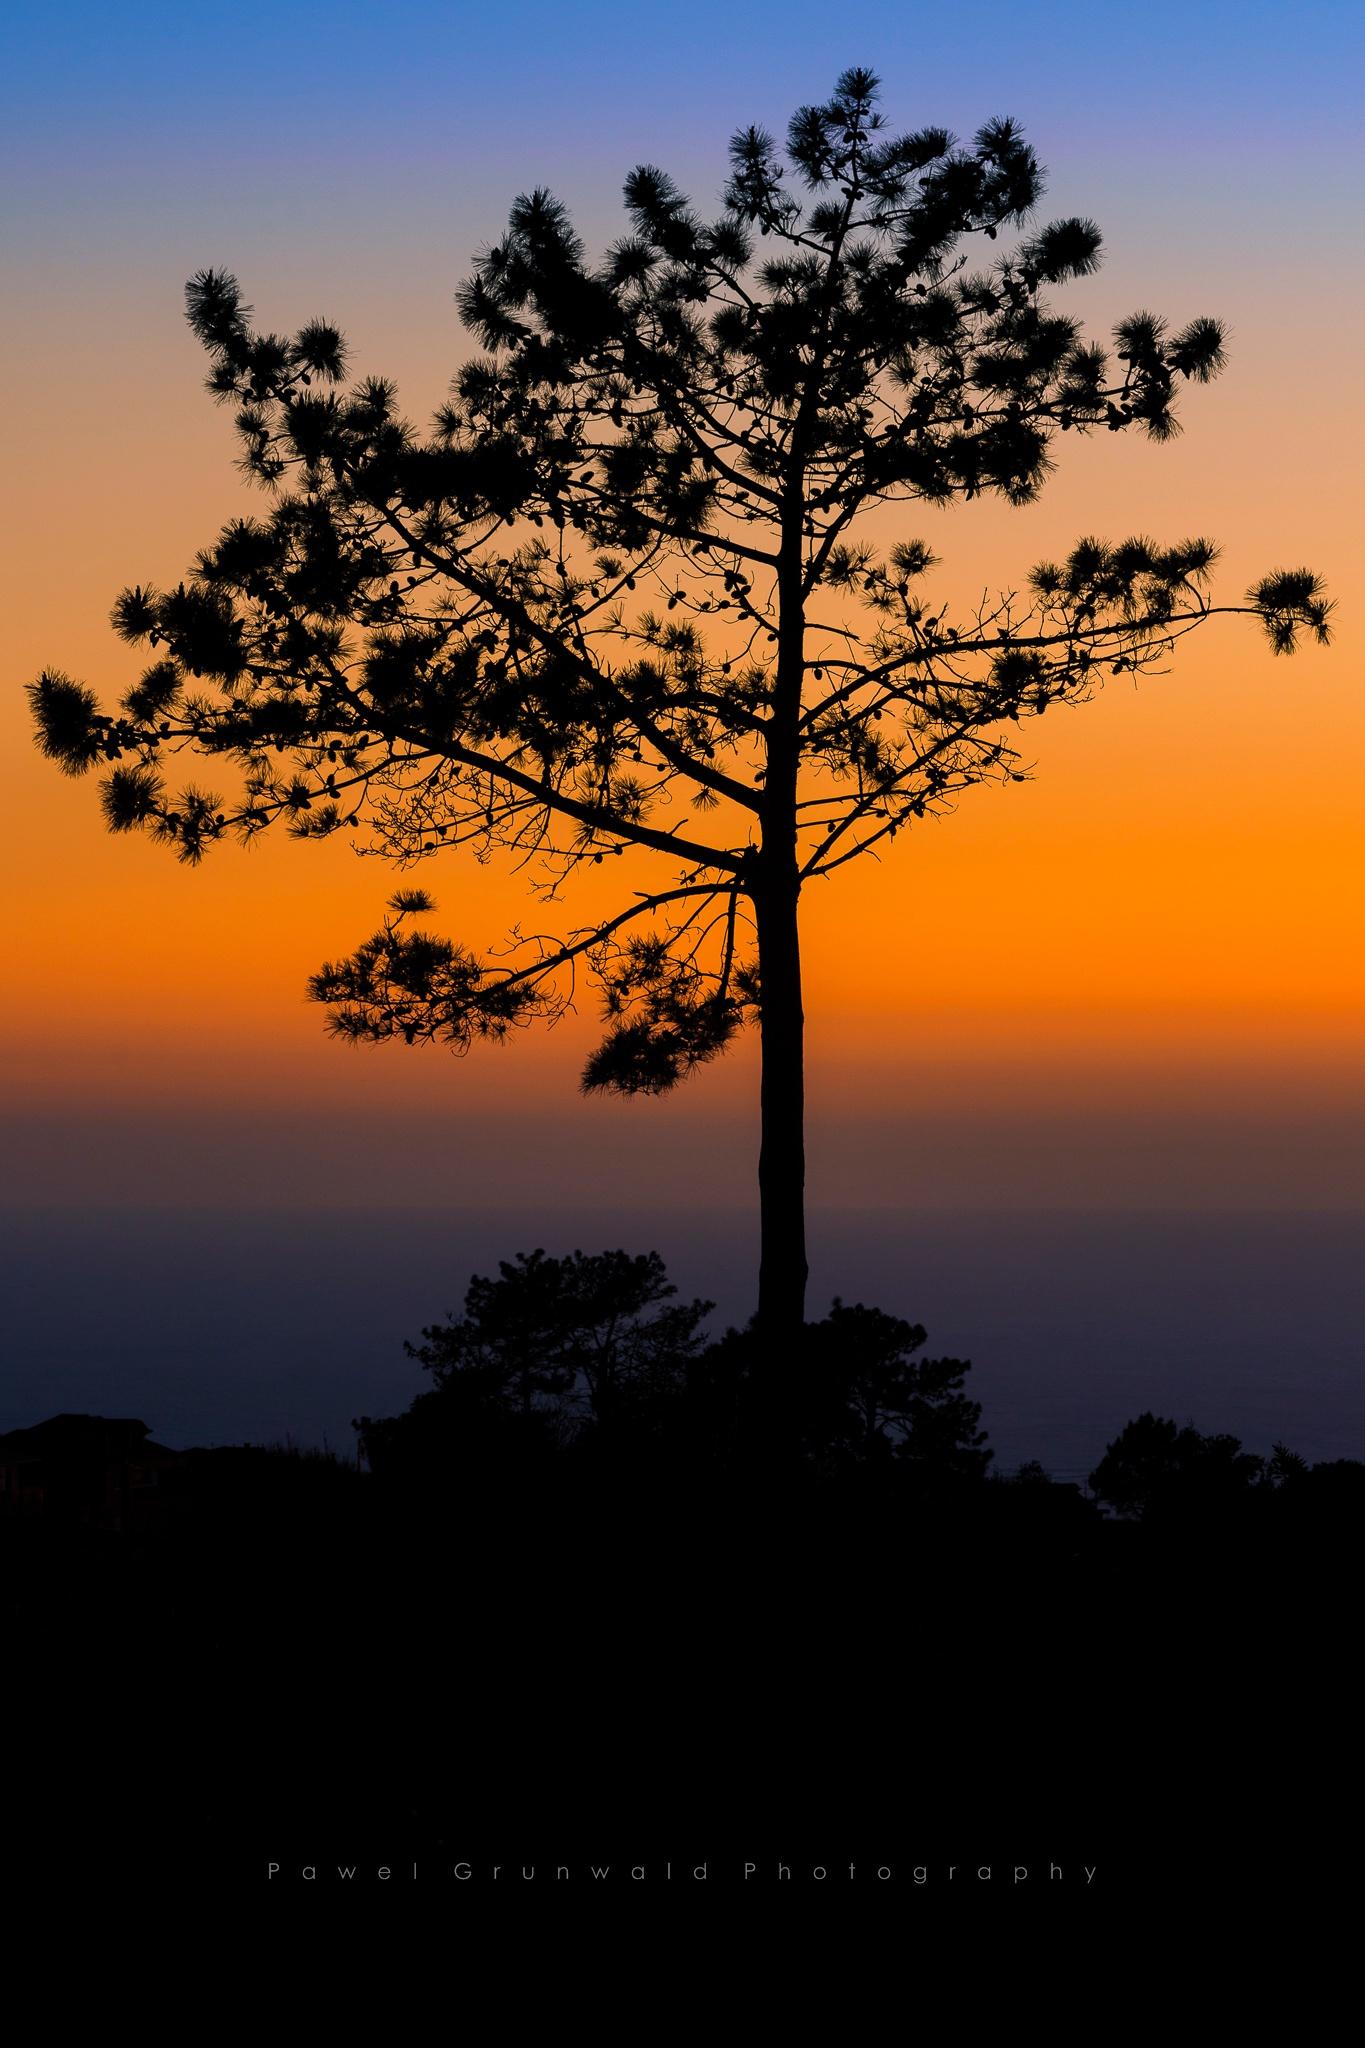 Prazeres tree by PawelGrunwald